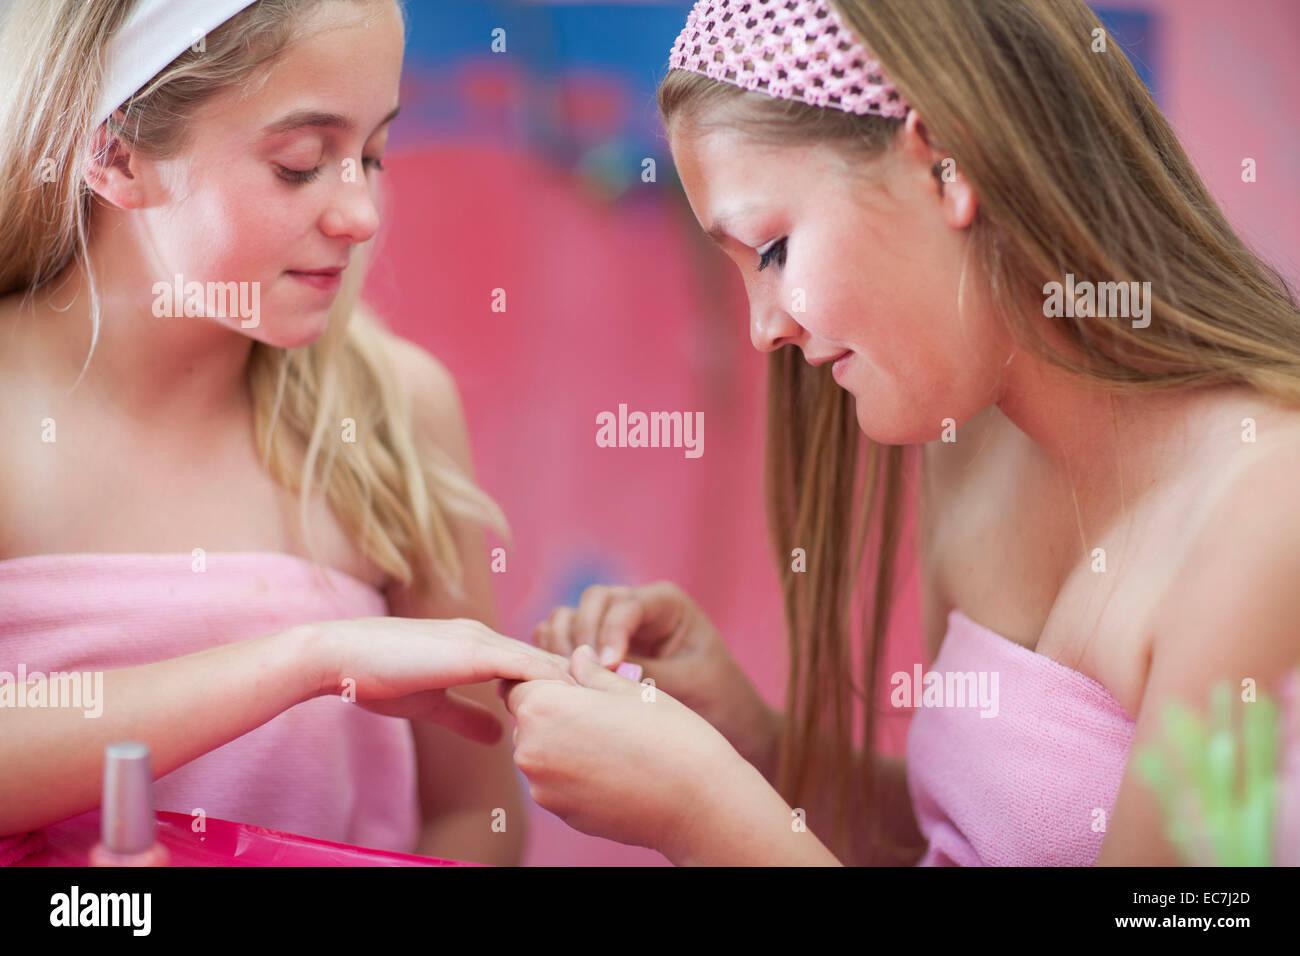 Girls that finger themselves